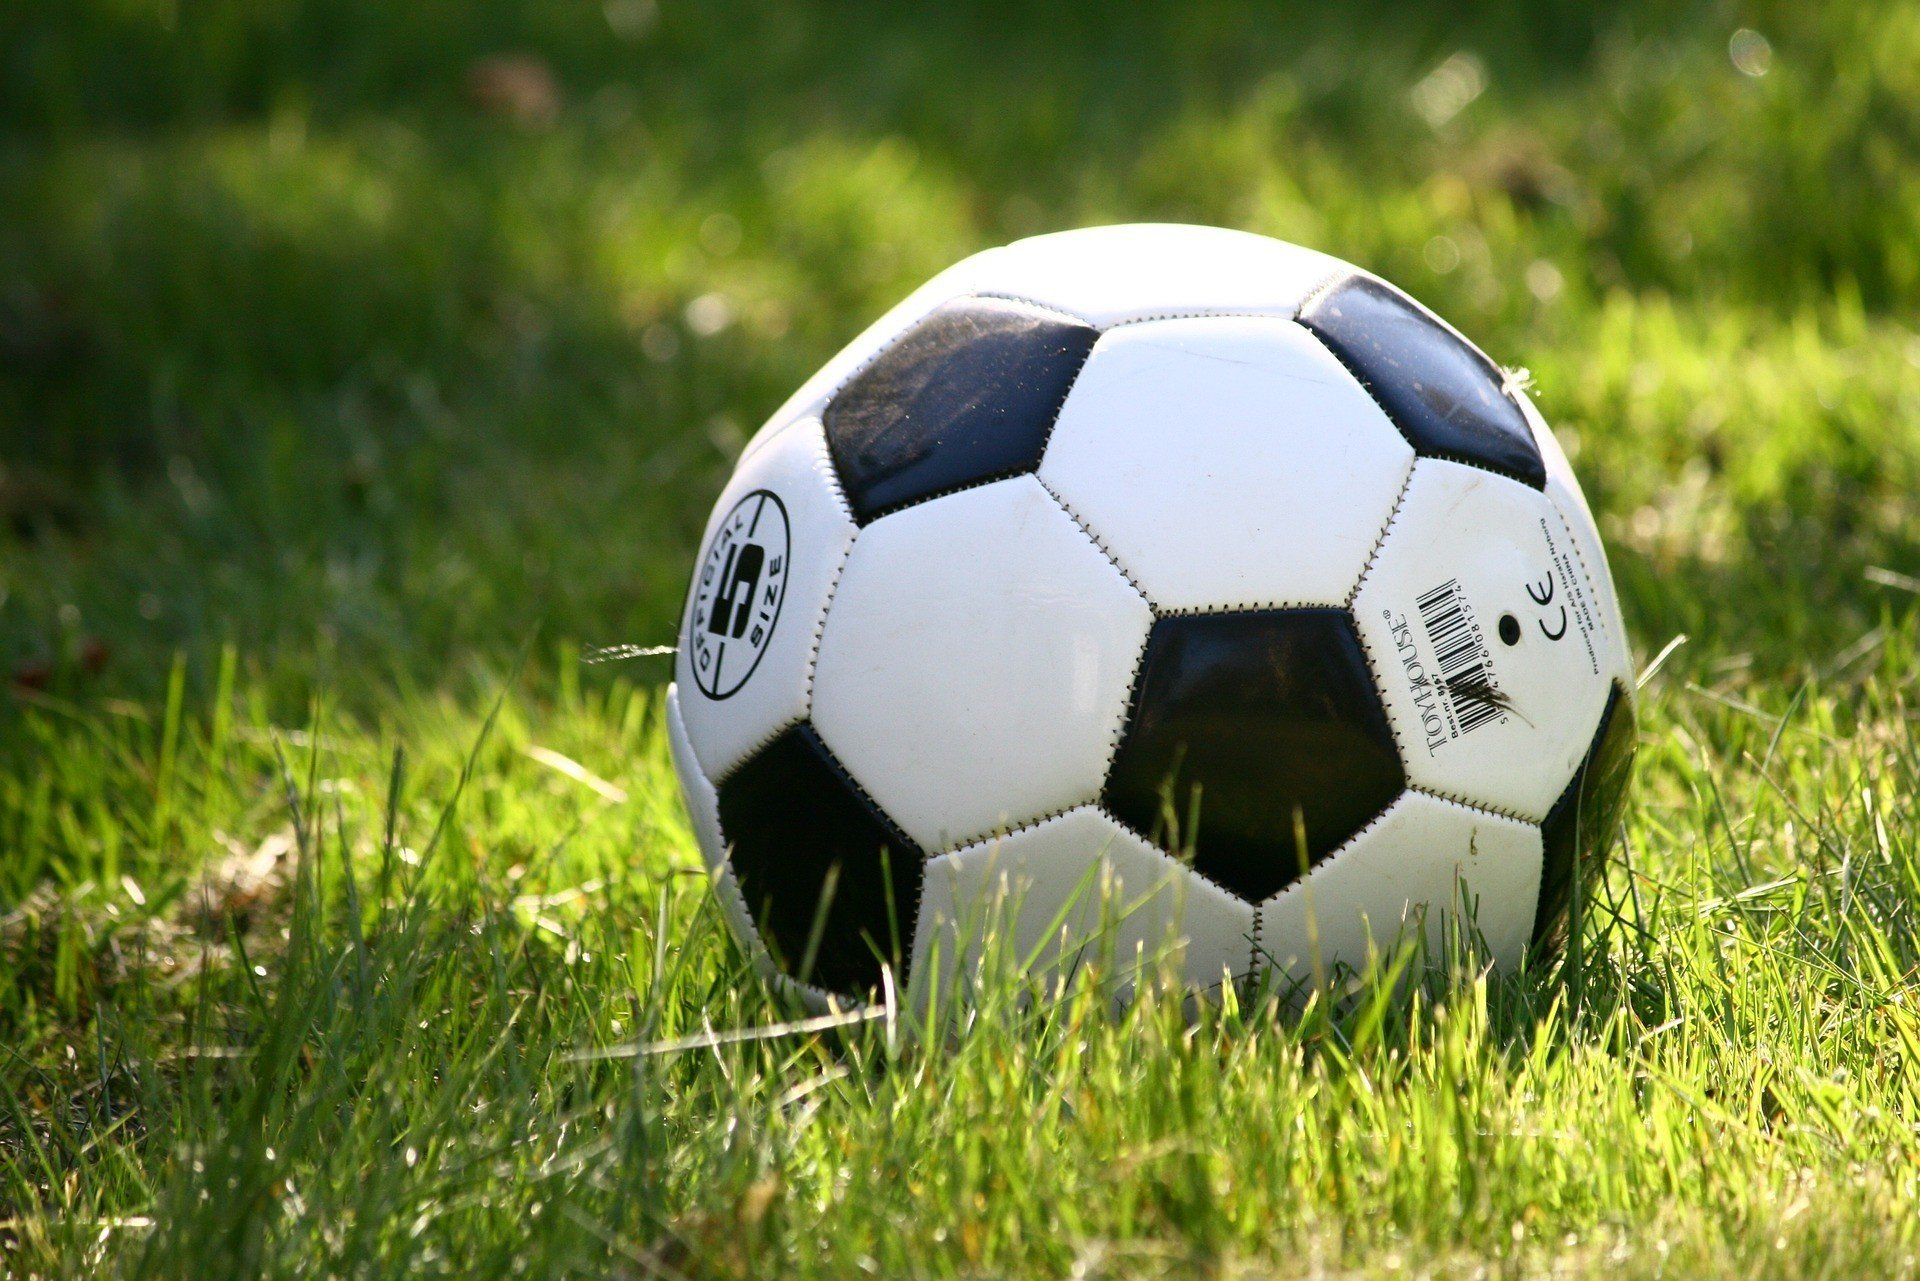 Лига чемпионов: расписание матчей и трансляций